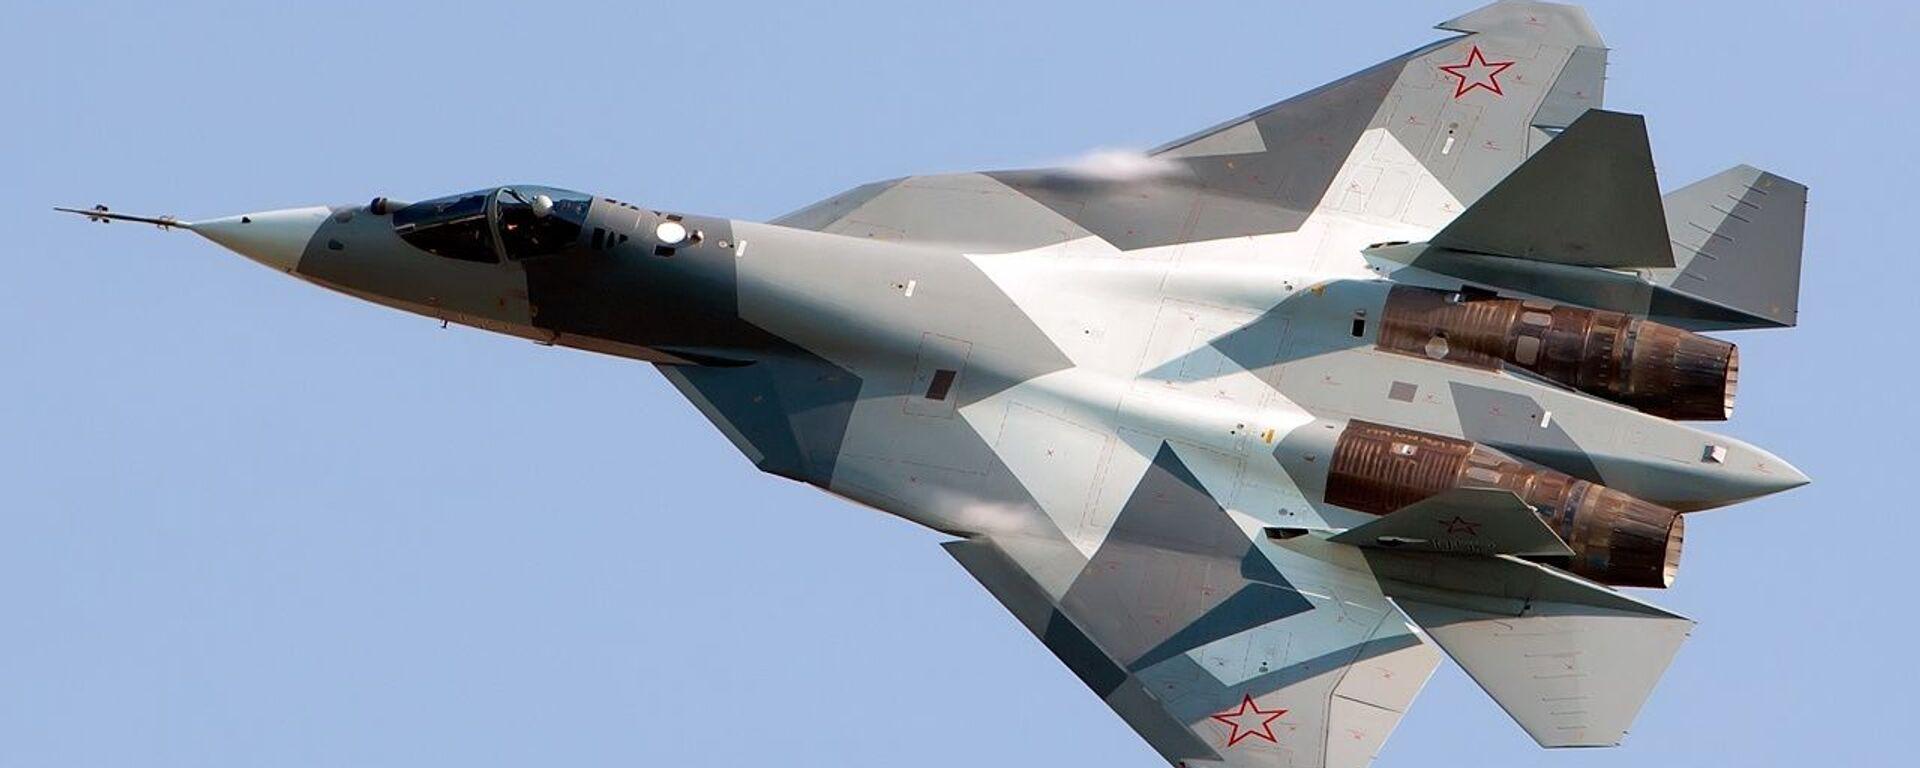 Ruský stíhací letoun Su-57 - Sputnik Česká republika, 1920, 11.04.2021